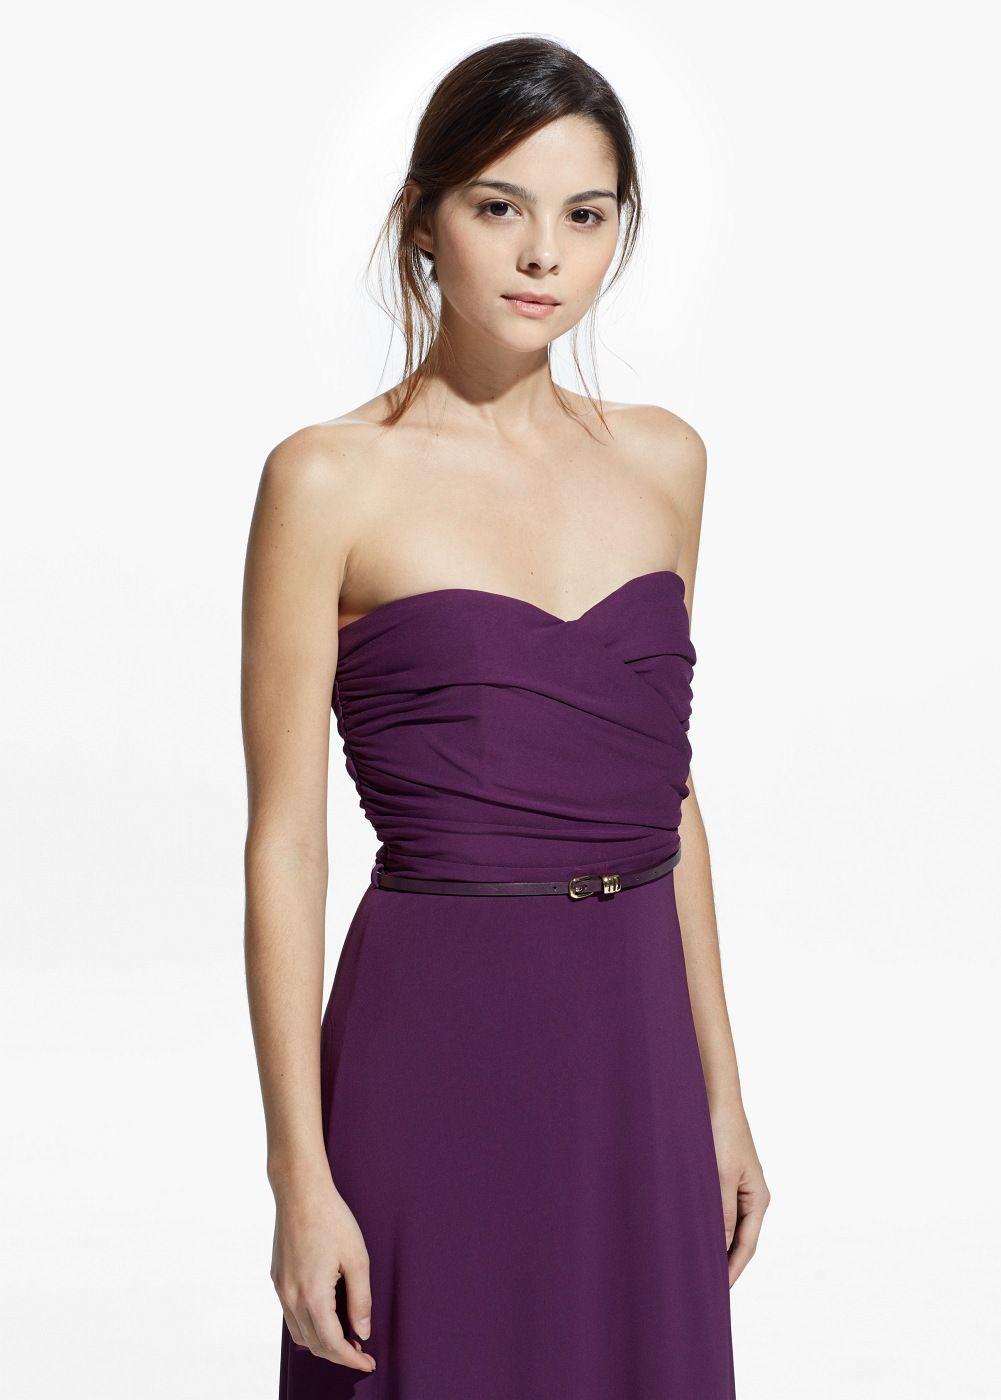 Vestido largo drapeado - Mujer | Como vestir, Drapeado y Vestirse